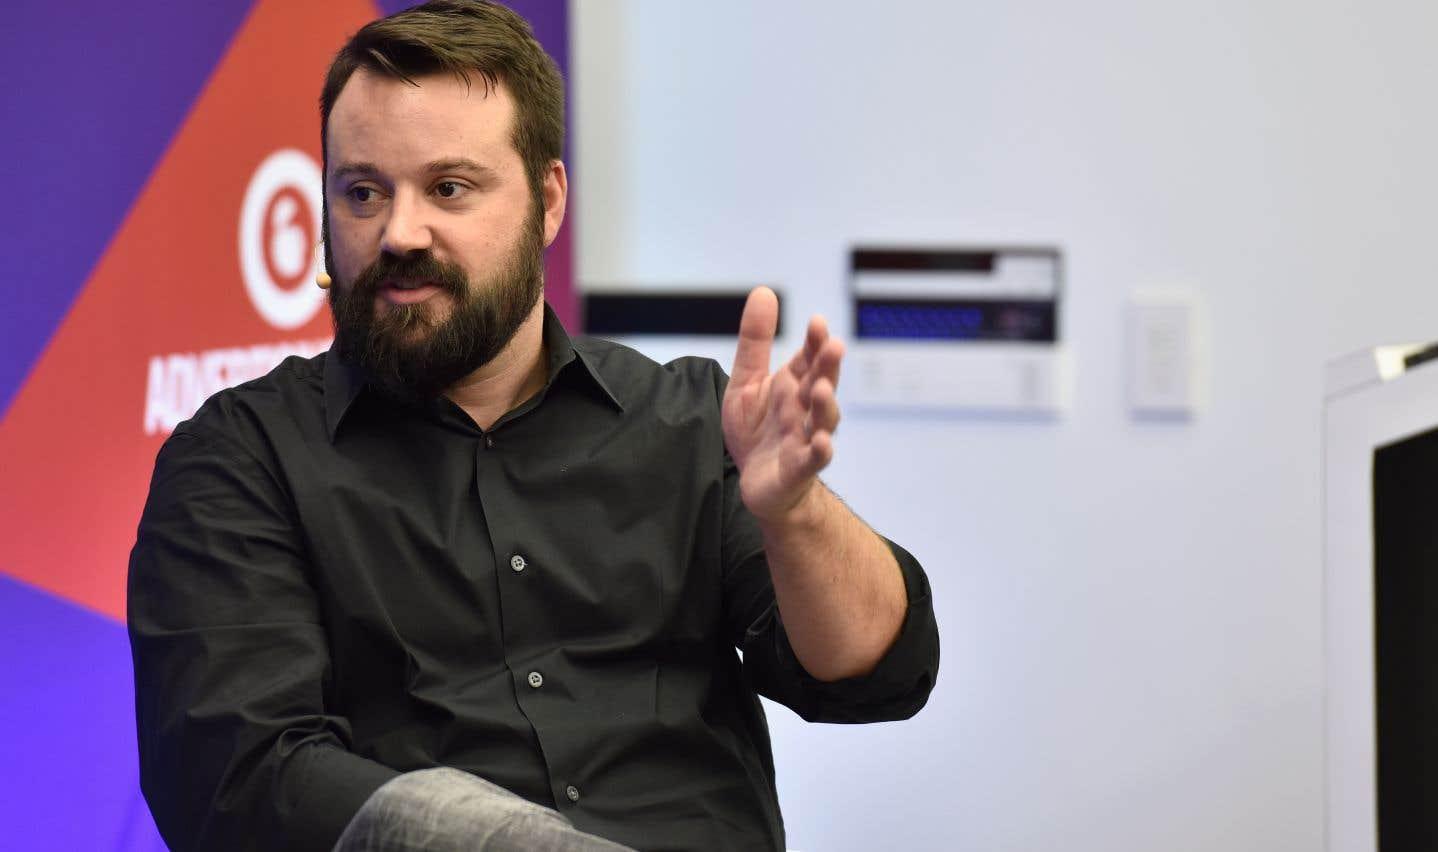 Lechef des nouvelles numériques de Vice Media, Mike Germano, a été suspendu.